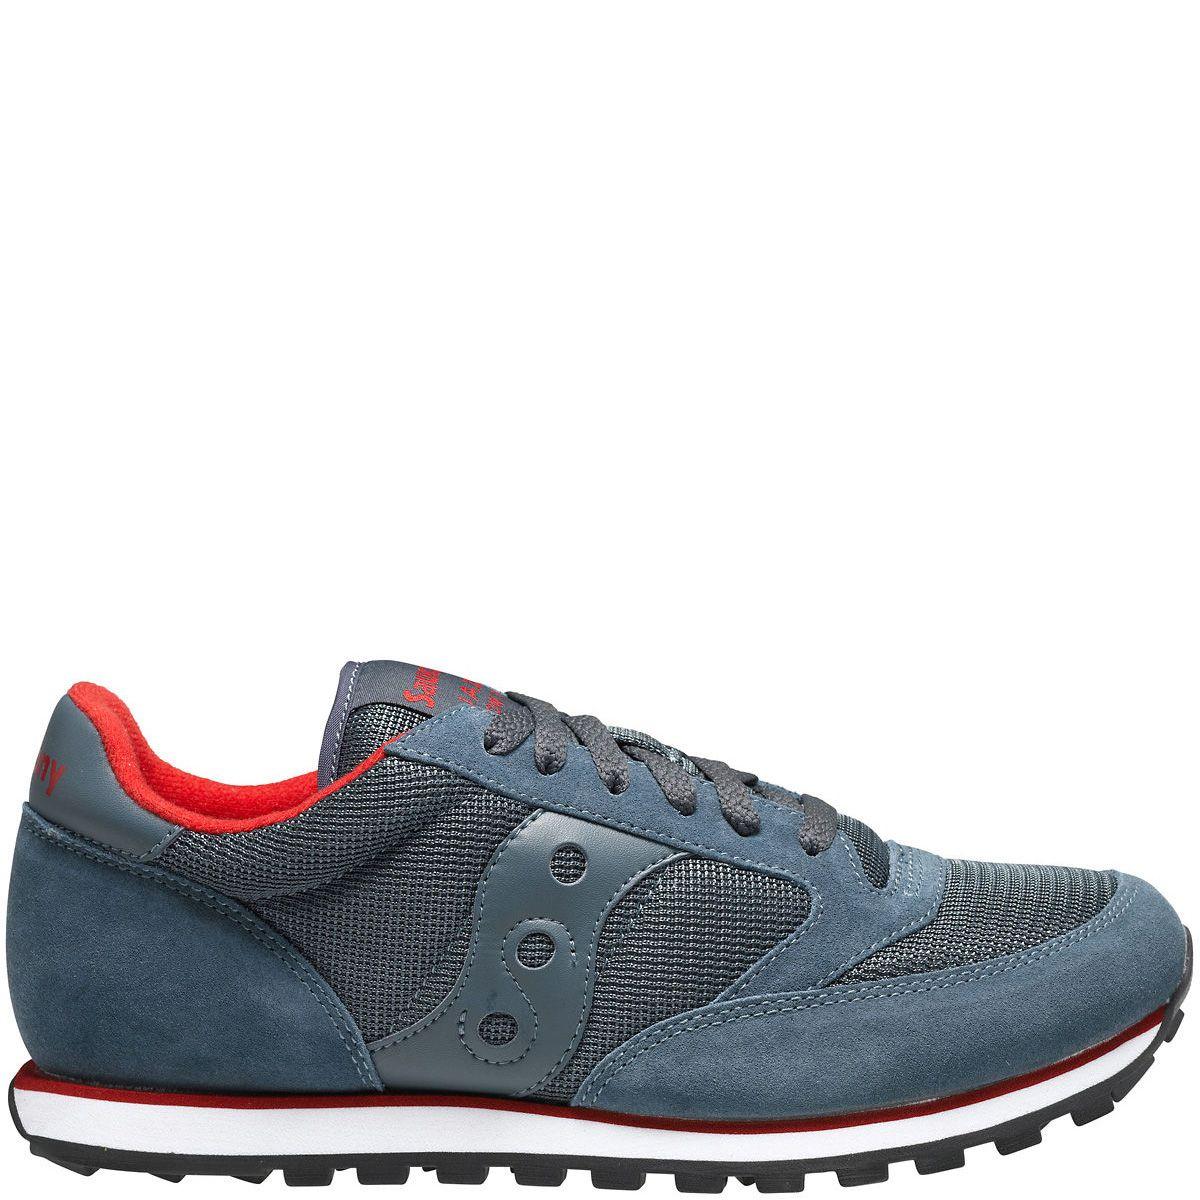 Мужские кроссовки Saucony Jazz Low Pro Mesh сине-серые и красные внутри